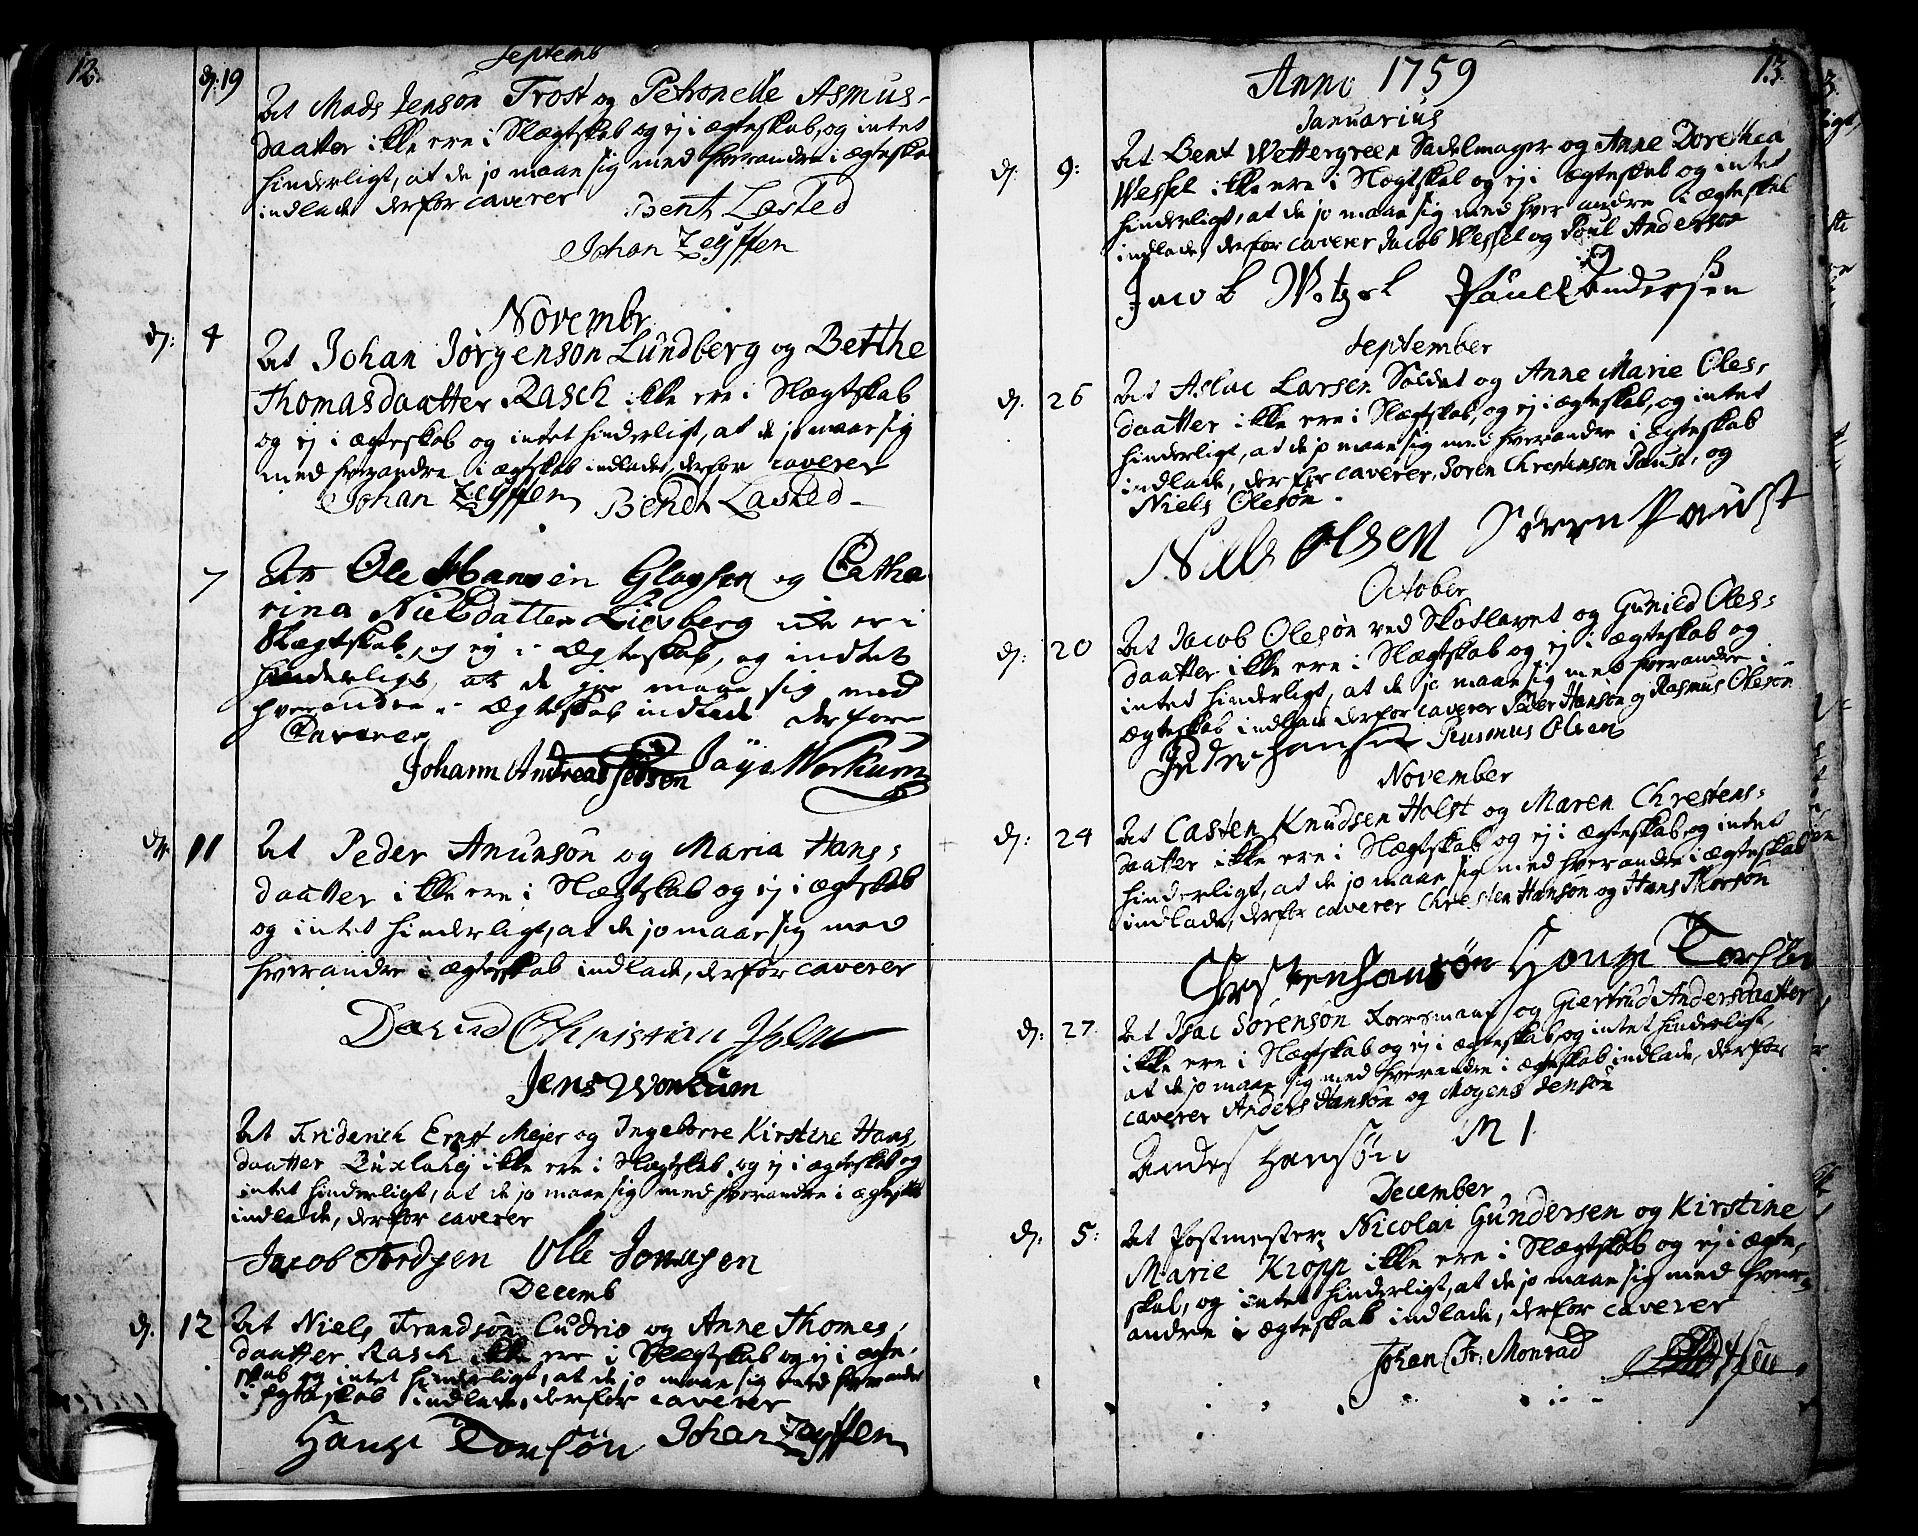 SAKO, Skien kirkebøker, F/Fa/L0003: Ministerialbok nr. 3, 1755-1791, s. 12-13